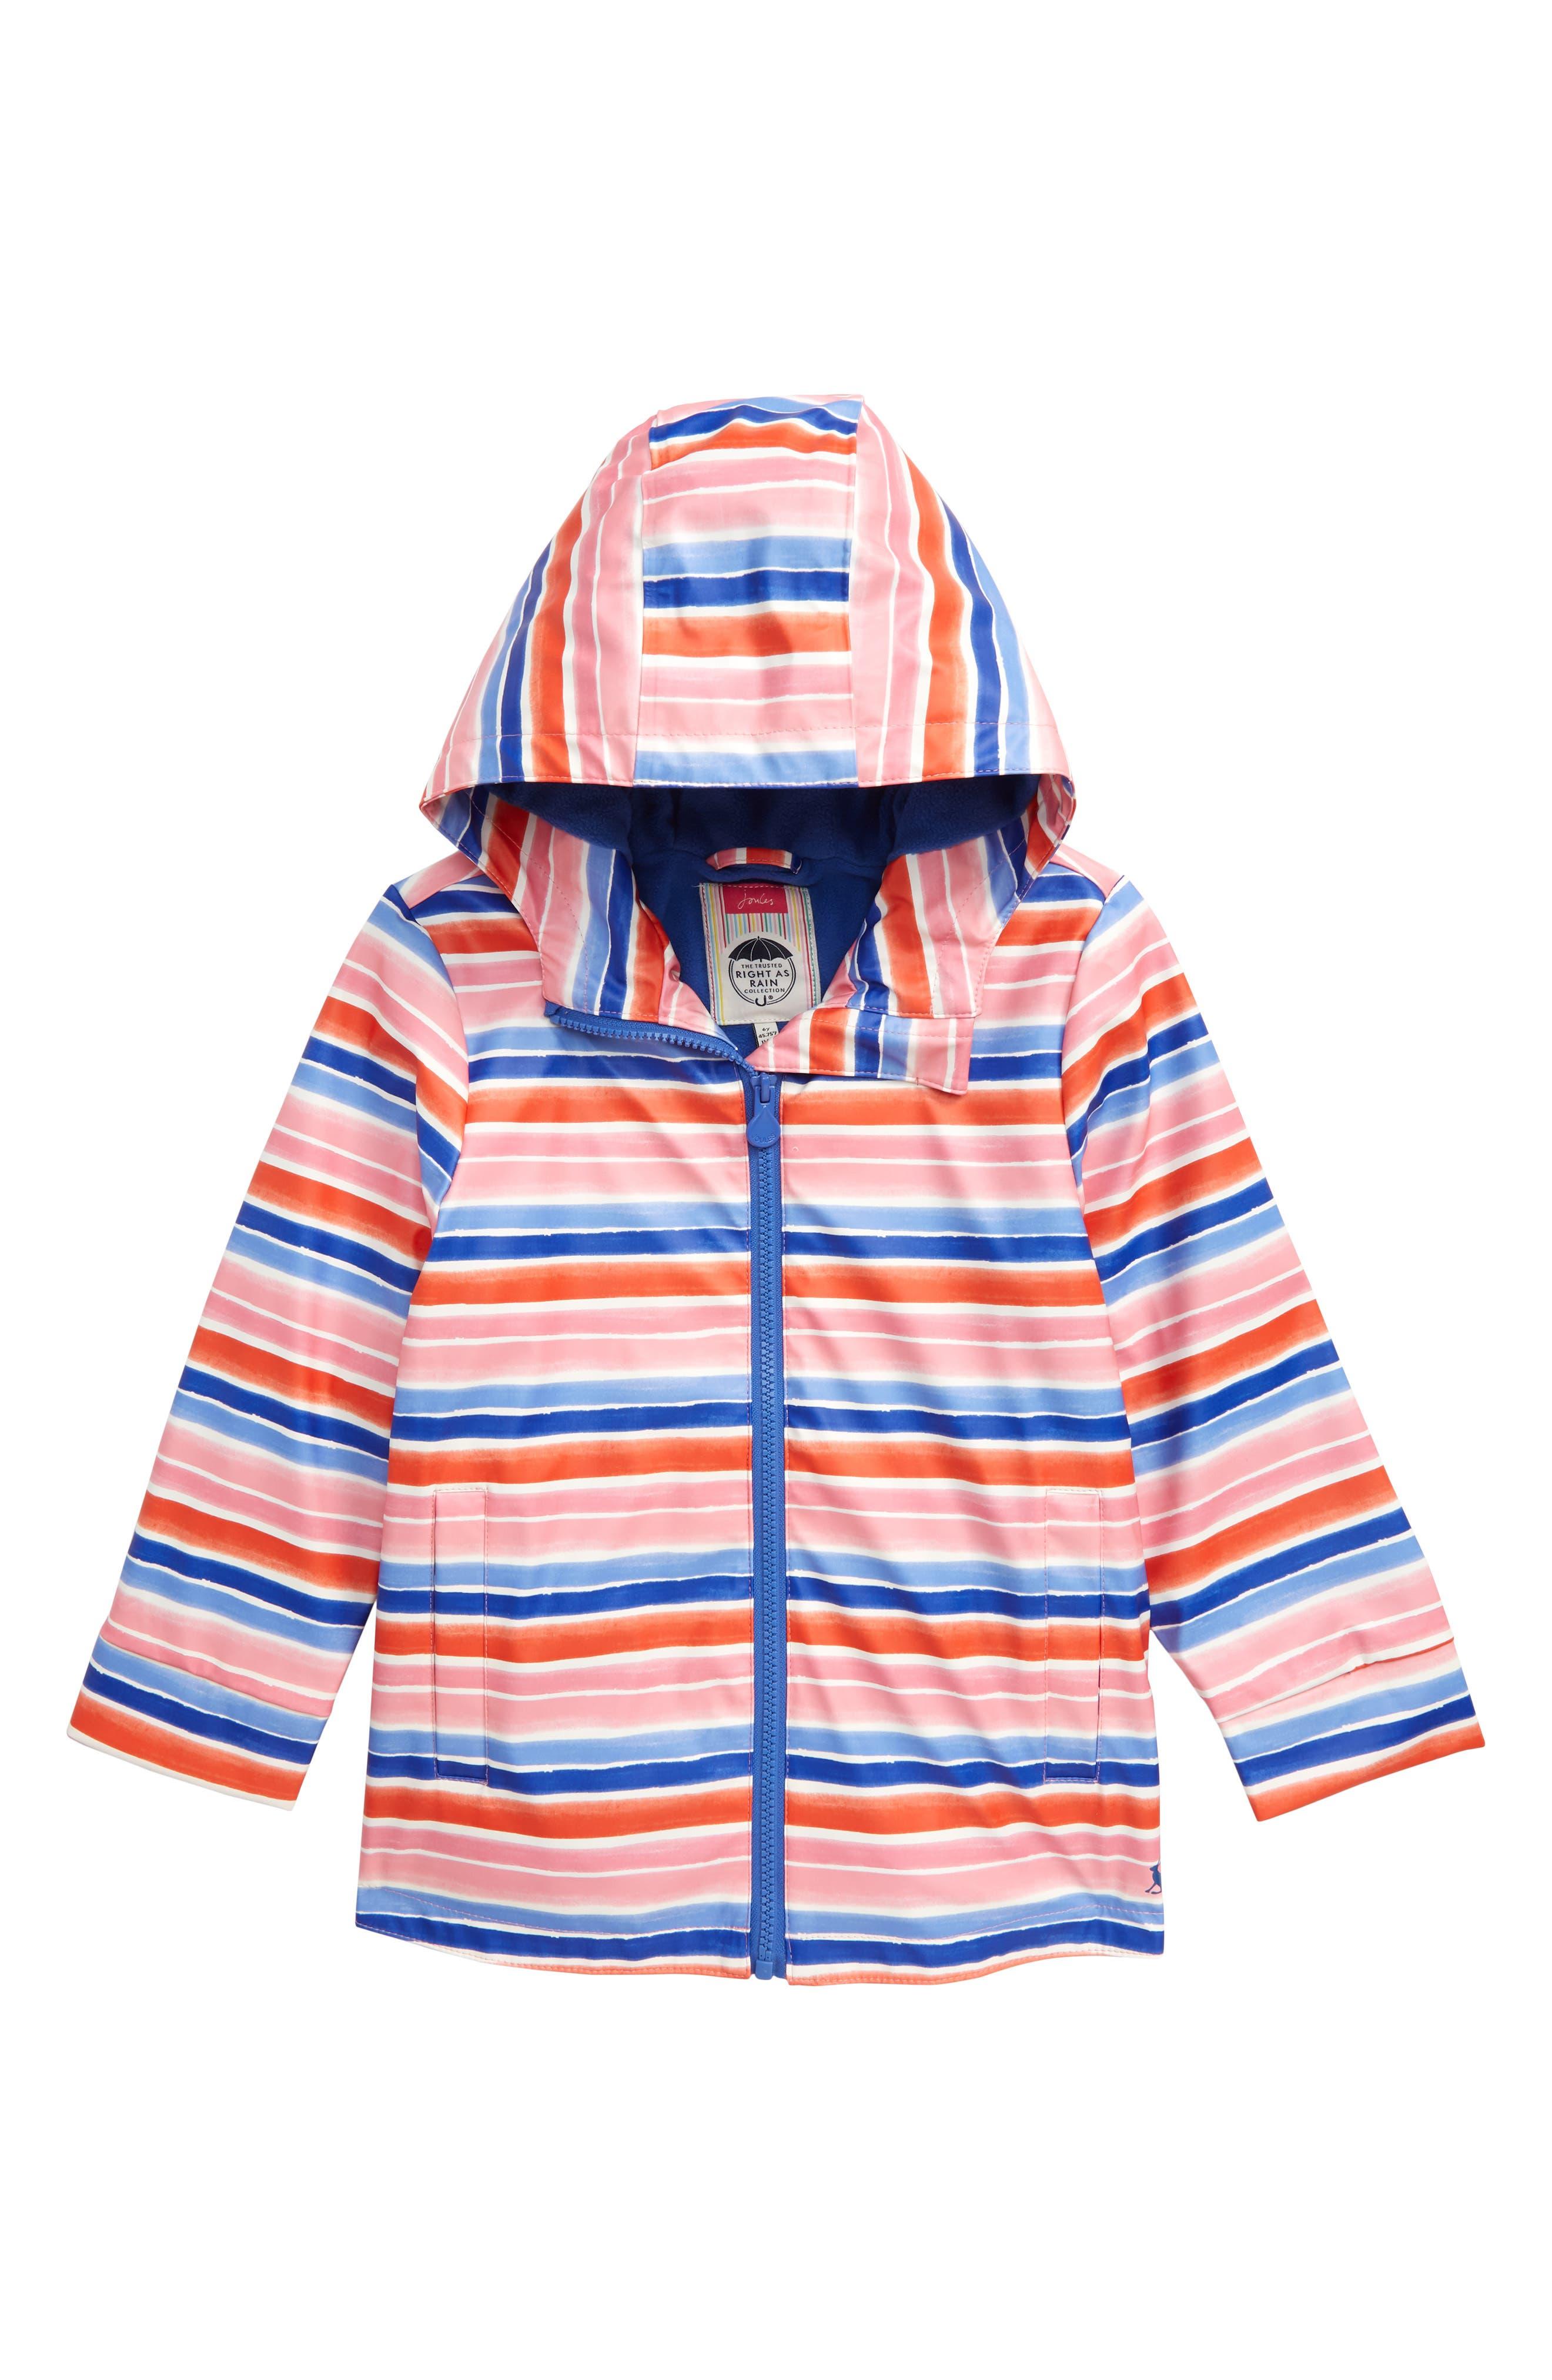 Toddler Girls Joules Raindance Waterproof Rain Jacket Size 3Y  Pink